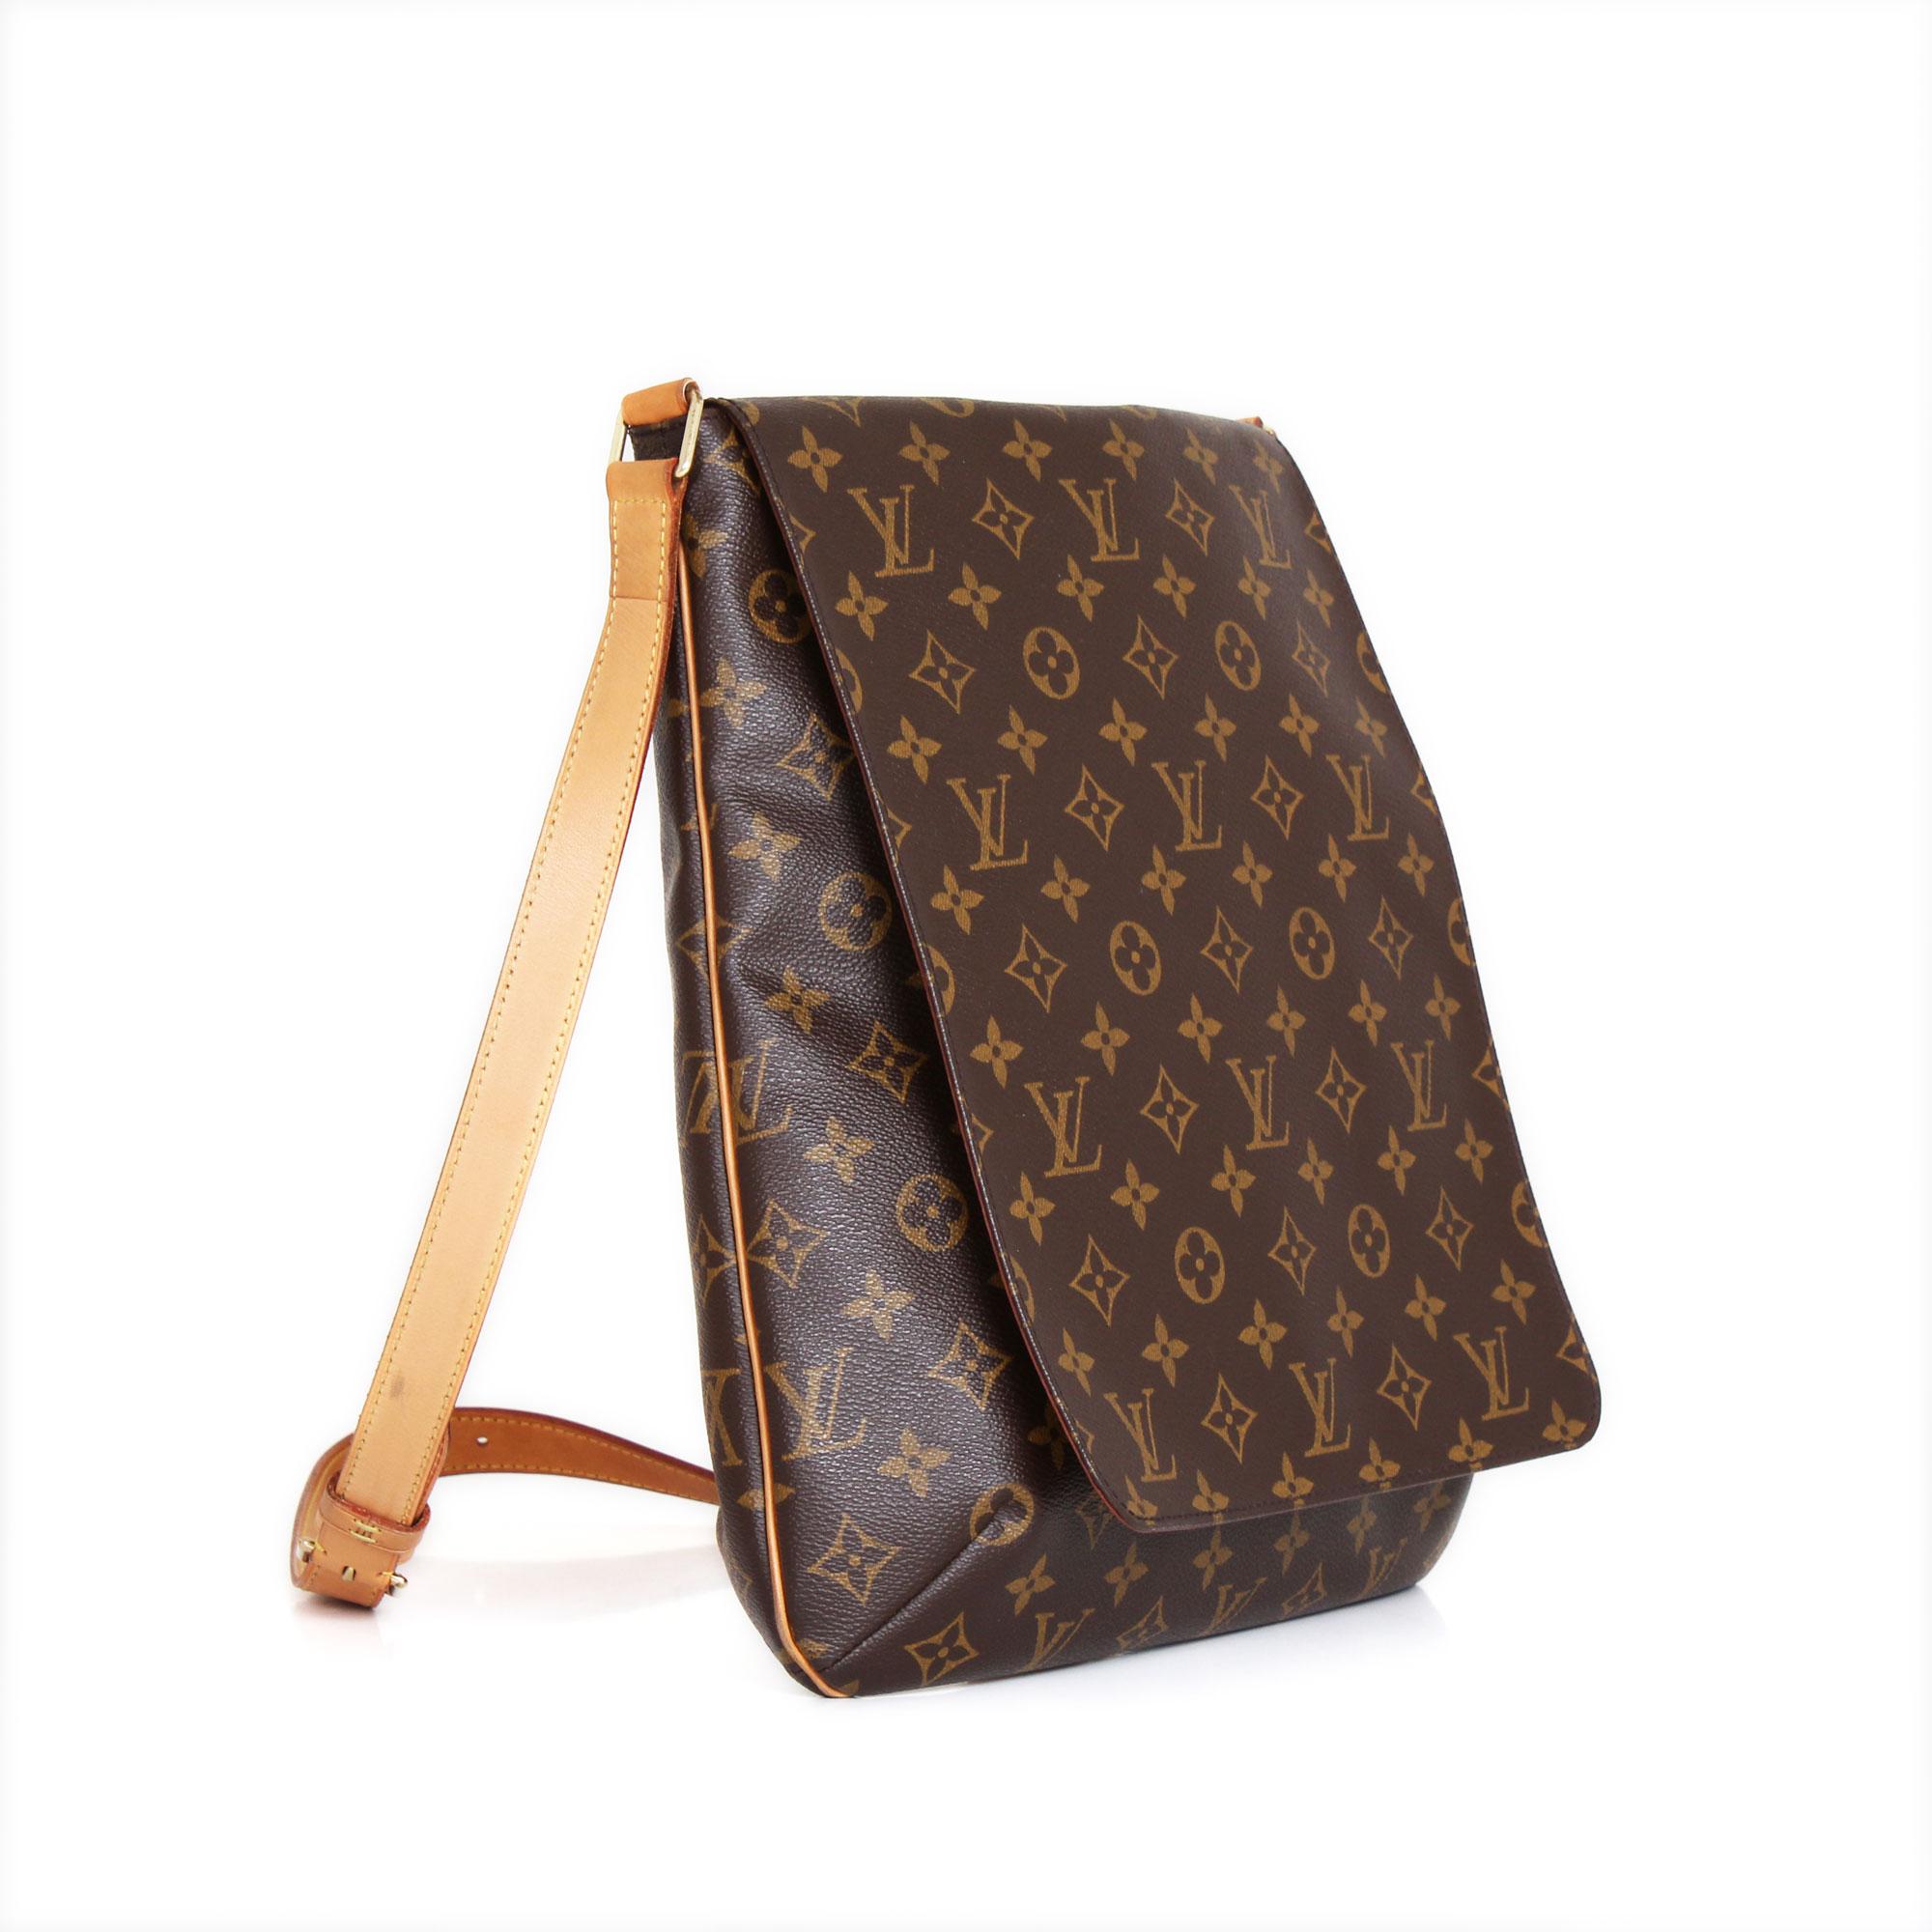 b6bc8a120698 Louis Vuitton Musette Salsa GM Monogram handbag